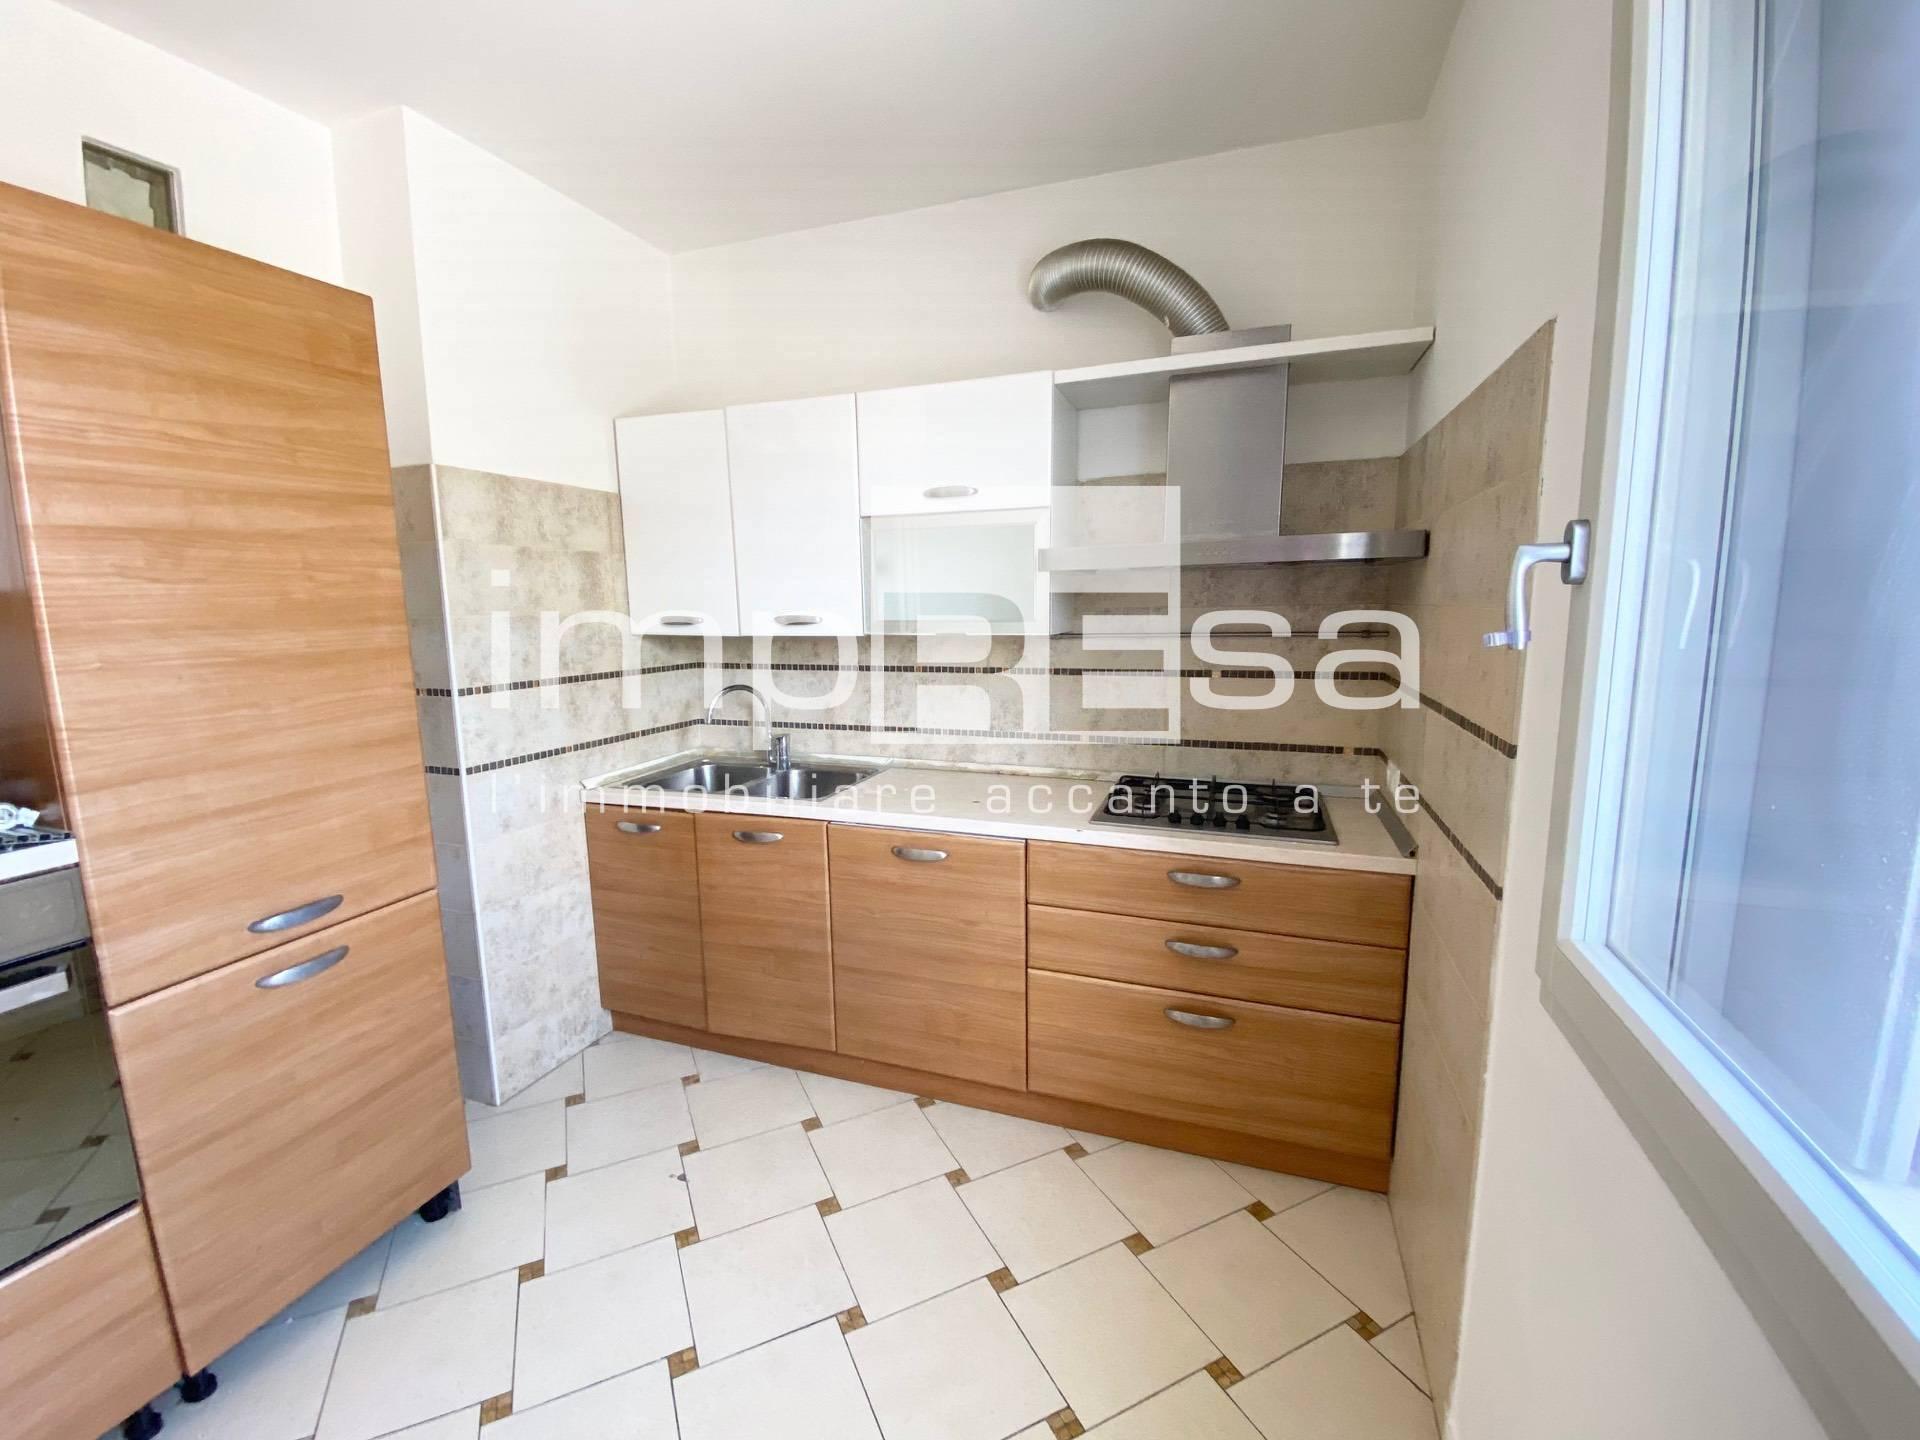 Appartamento in vendita a Maserada sul Piave, 7 locali, zona Località: Maserada, prezzo € 199.000 | CambioCasa.it